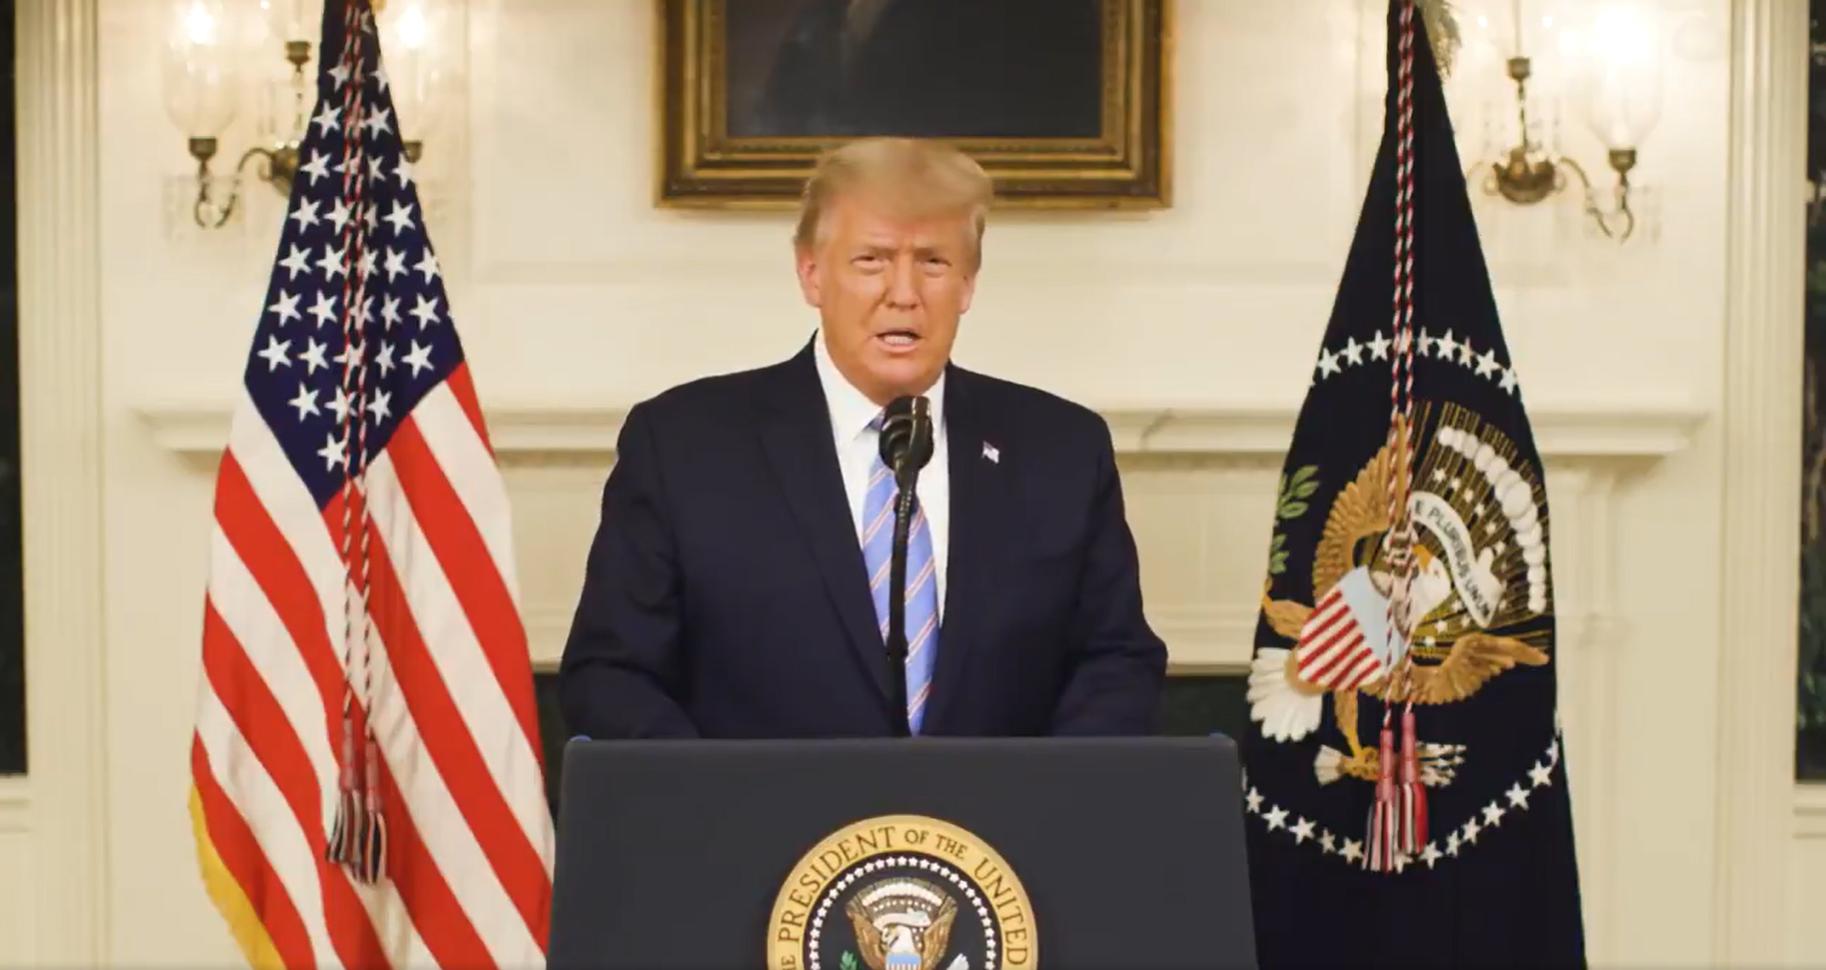 Trump officially concedes, calls for calm